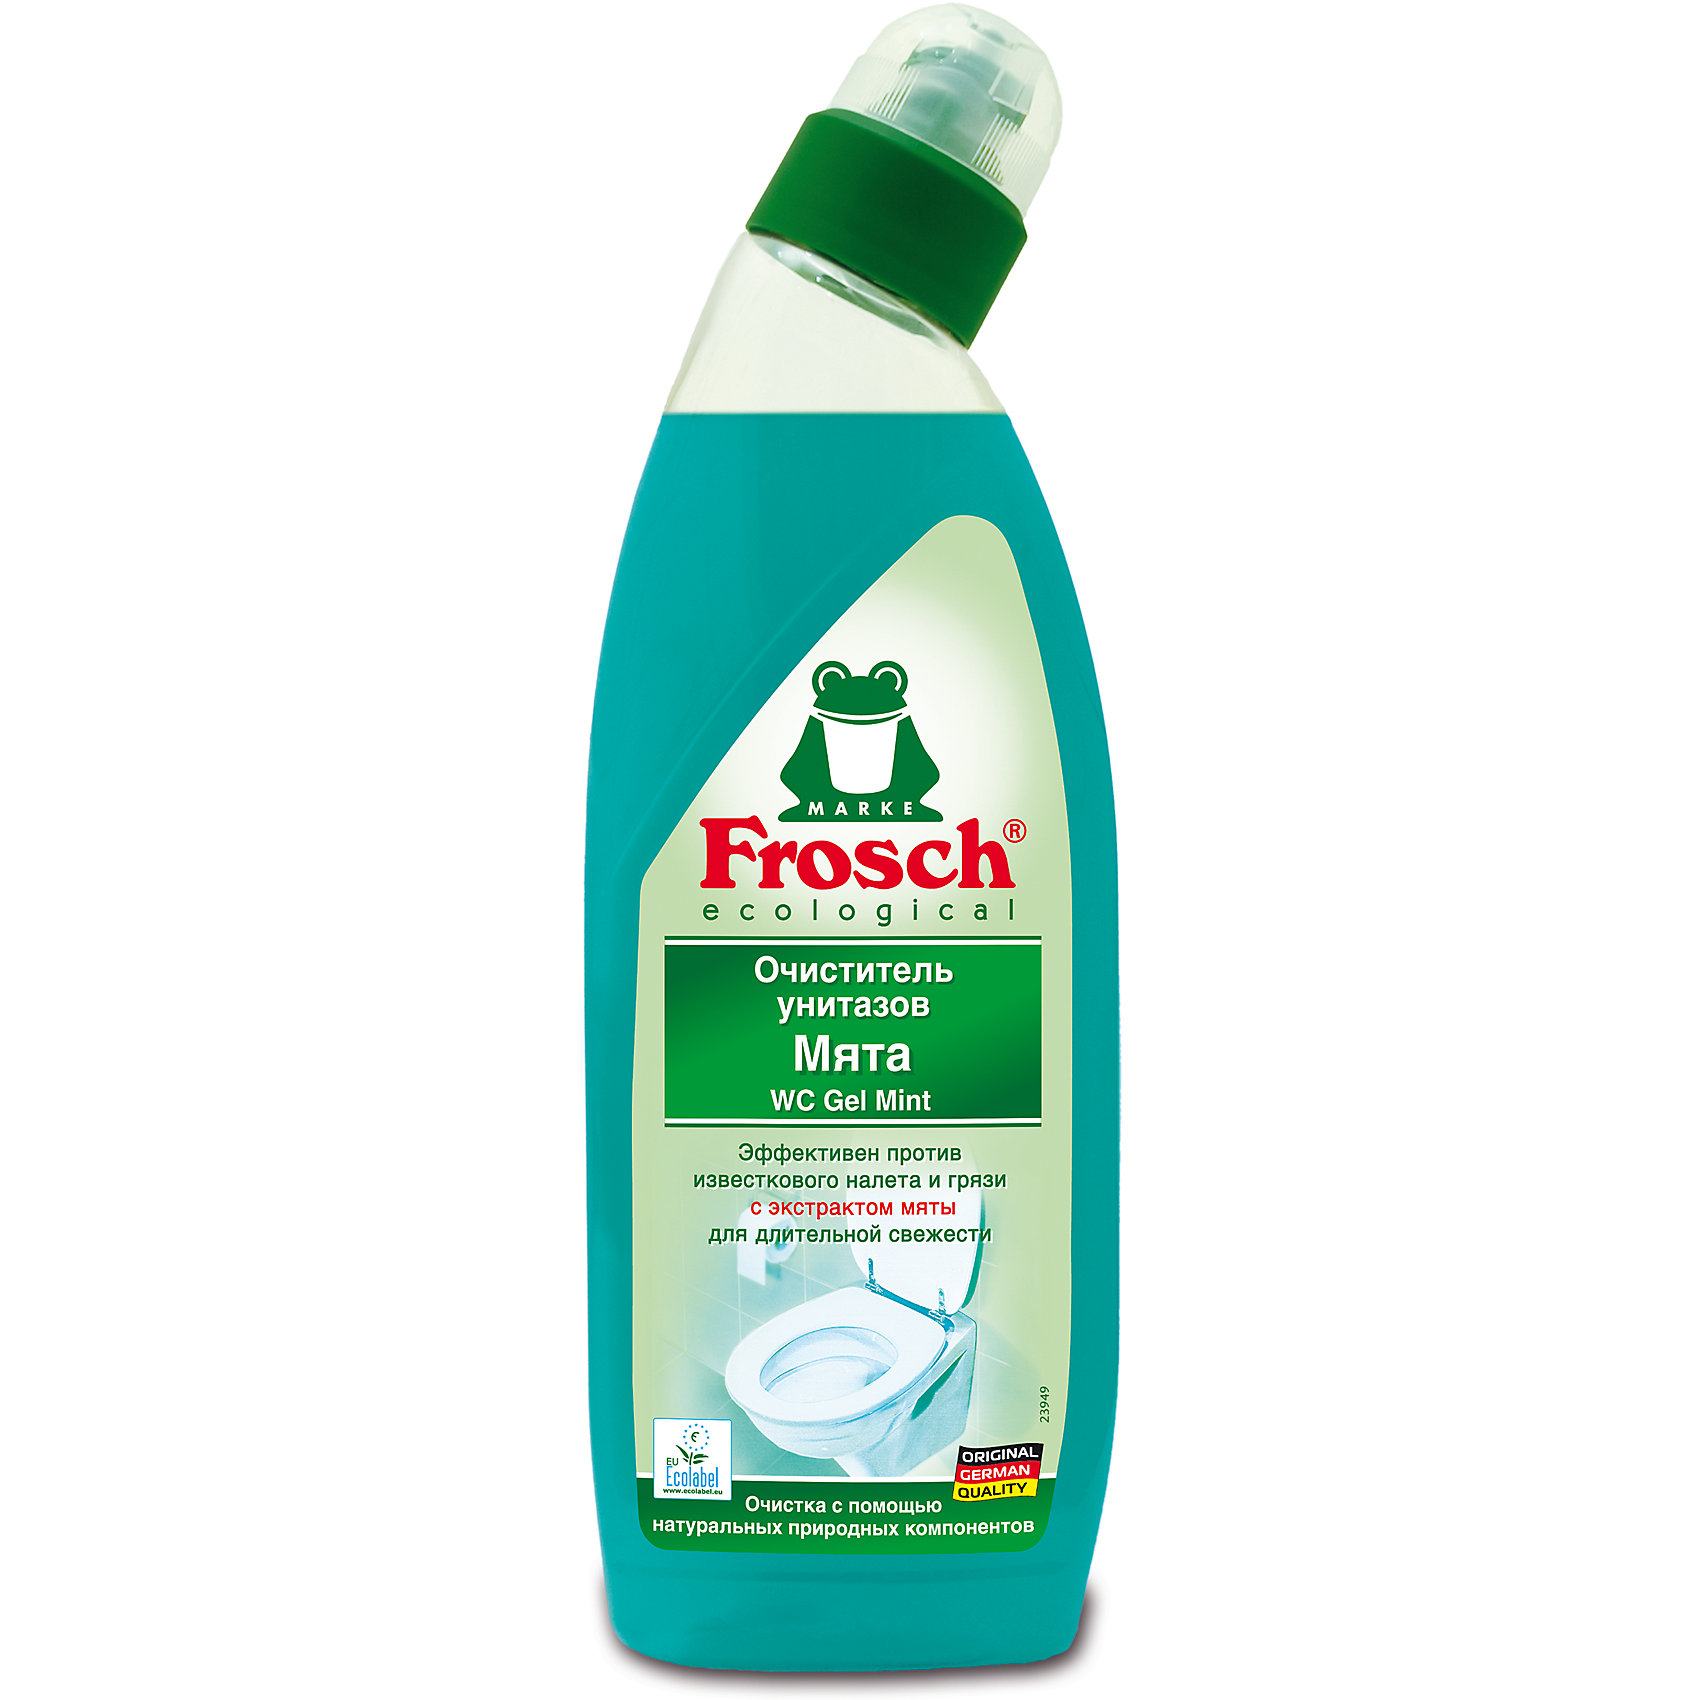 Очиститель унитазов Мята, 0,75 л., Frosch (-)